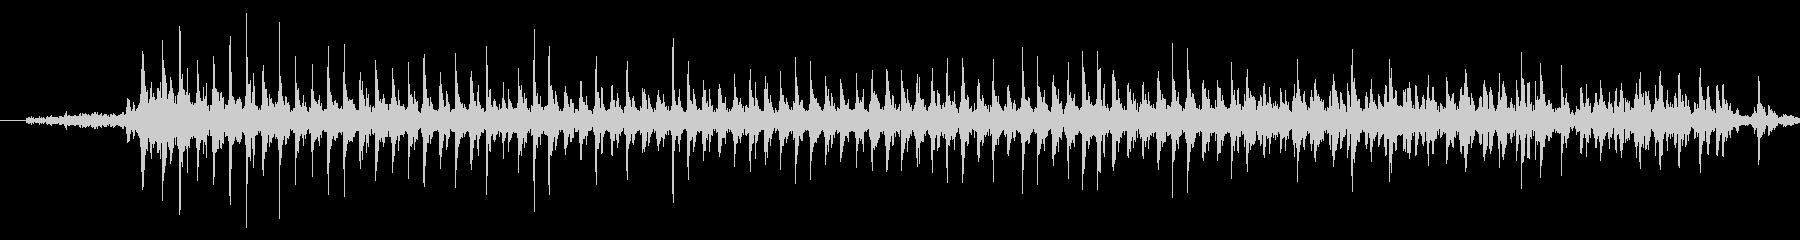 ドリルの音です。の未再生の波形